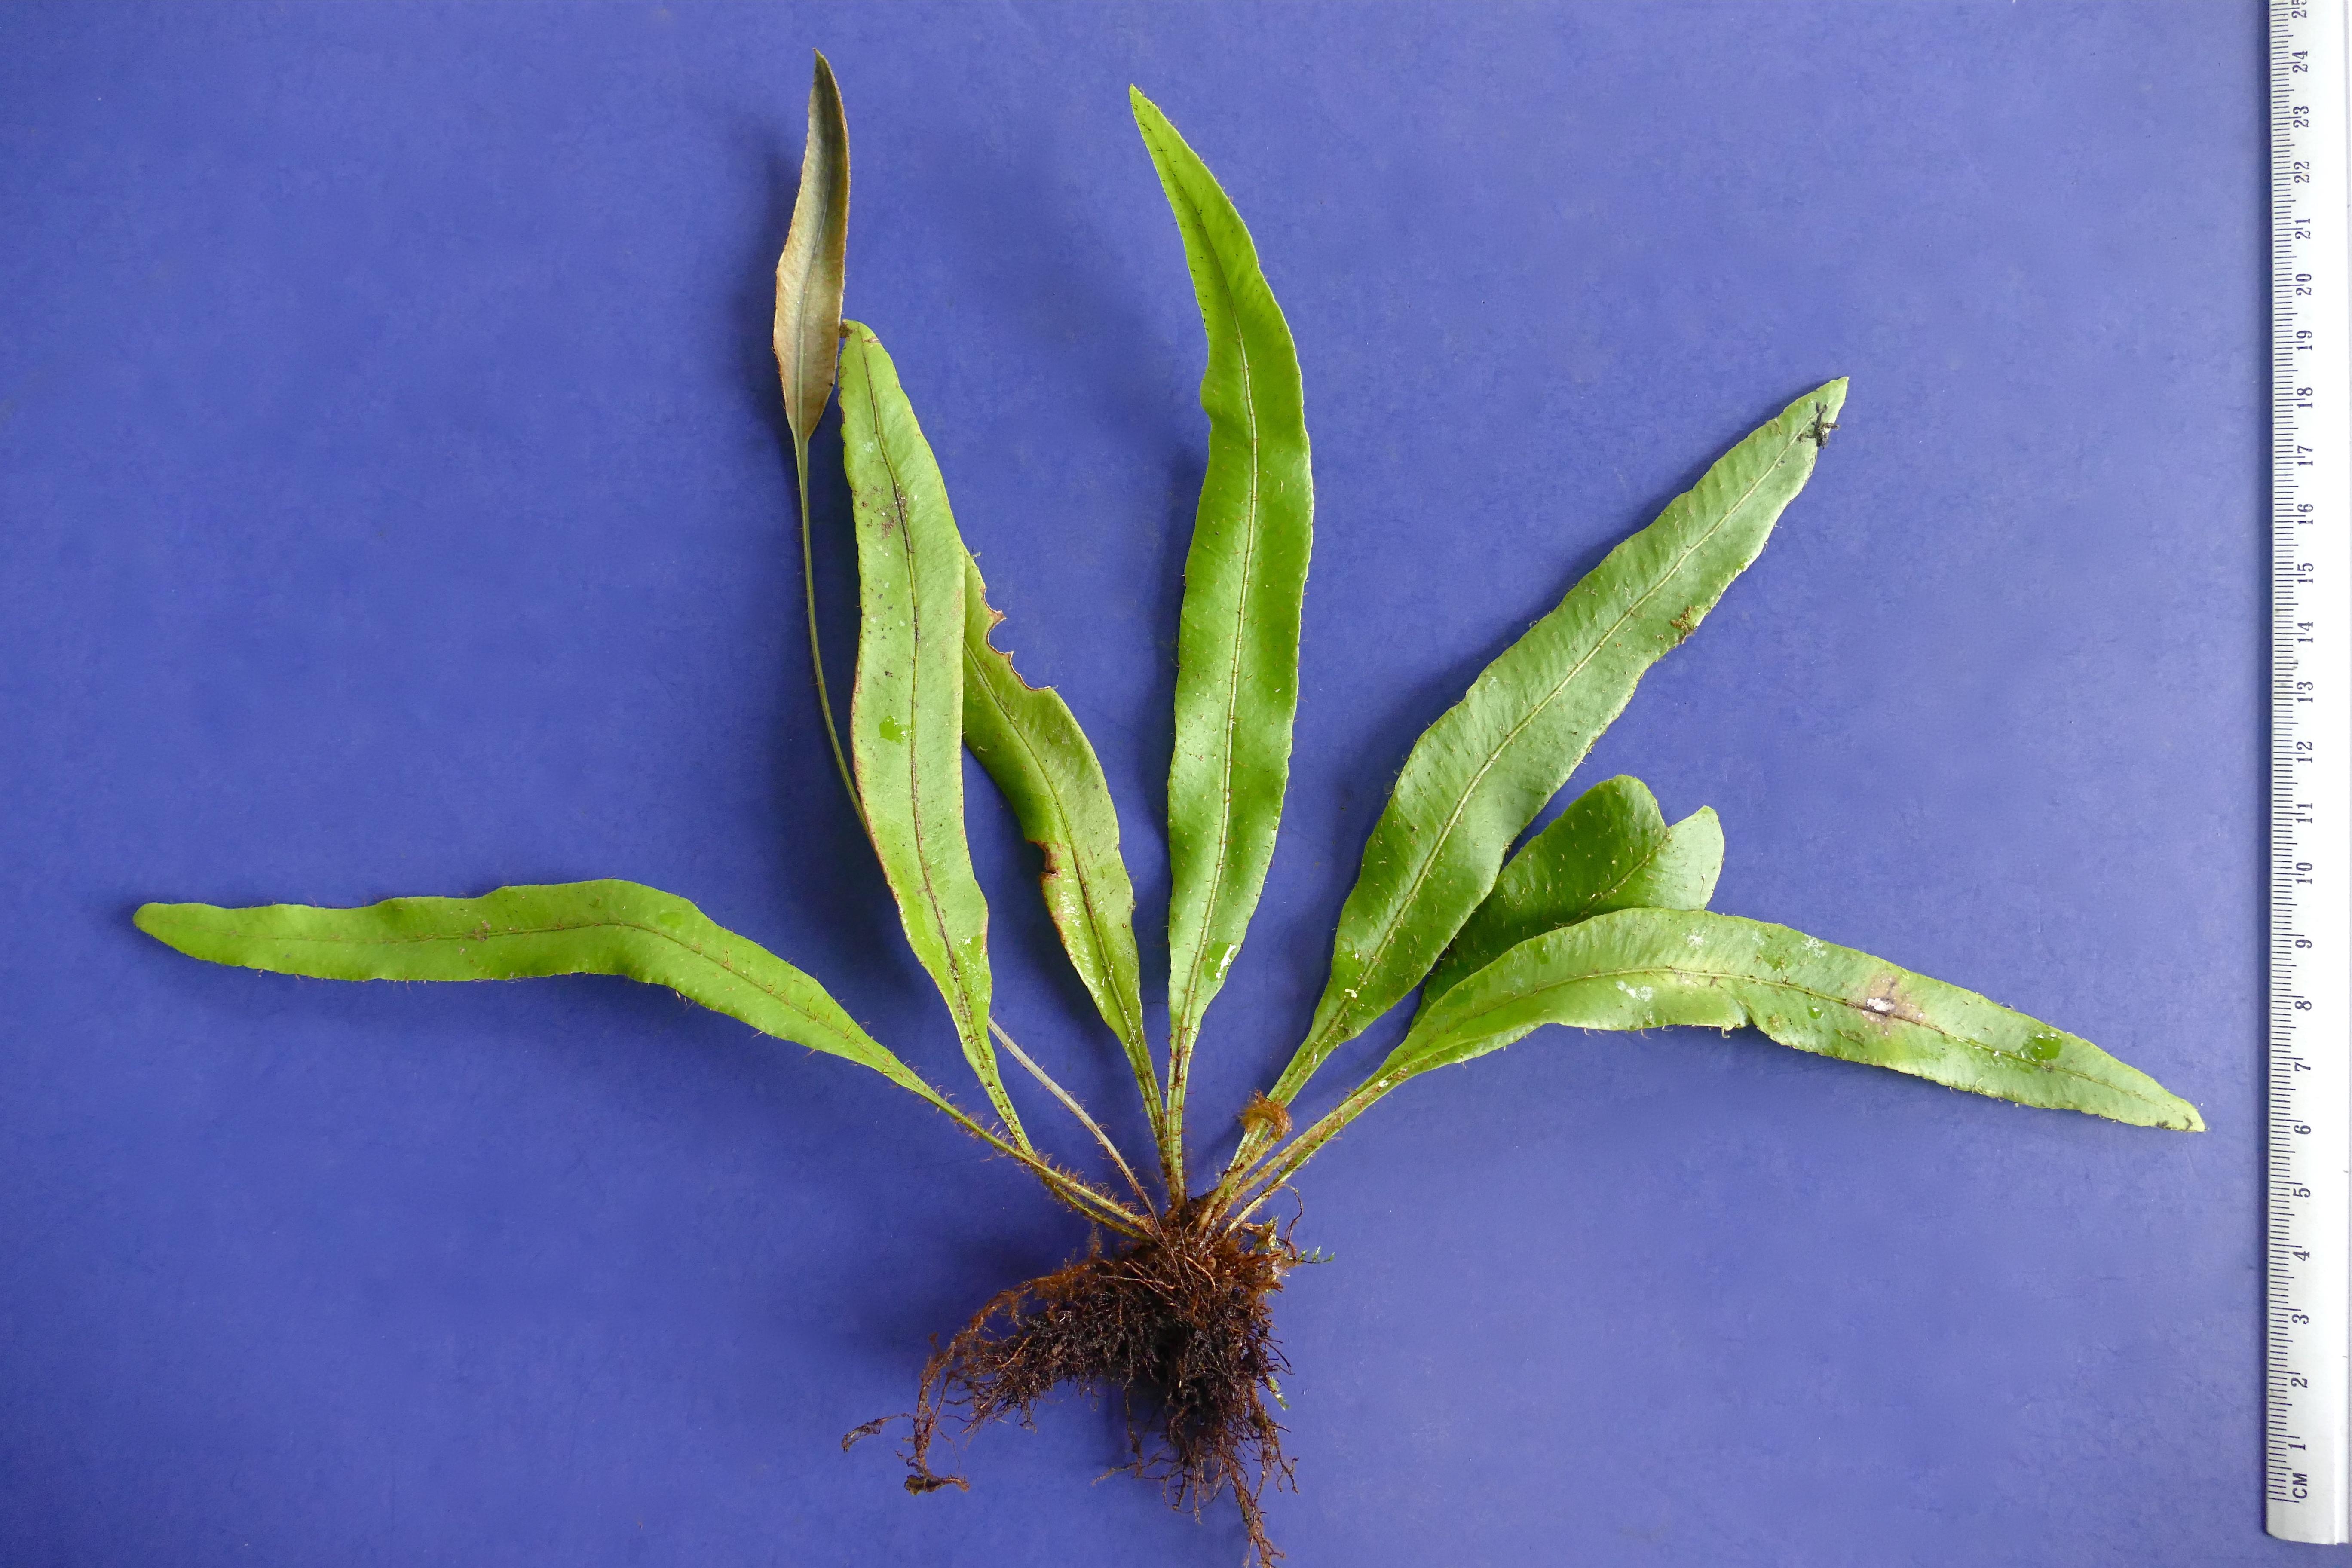 Elaphoglossum maculatum